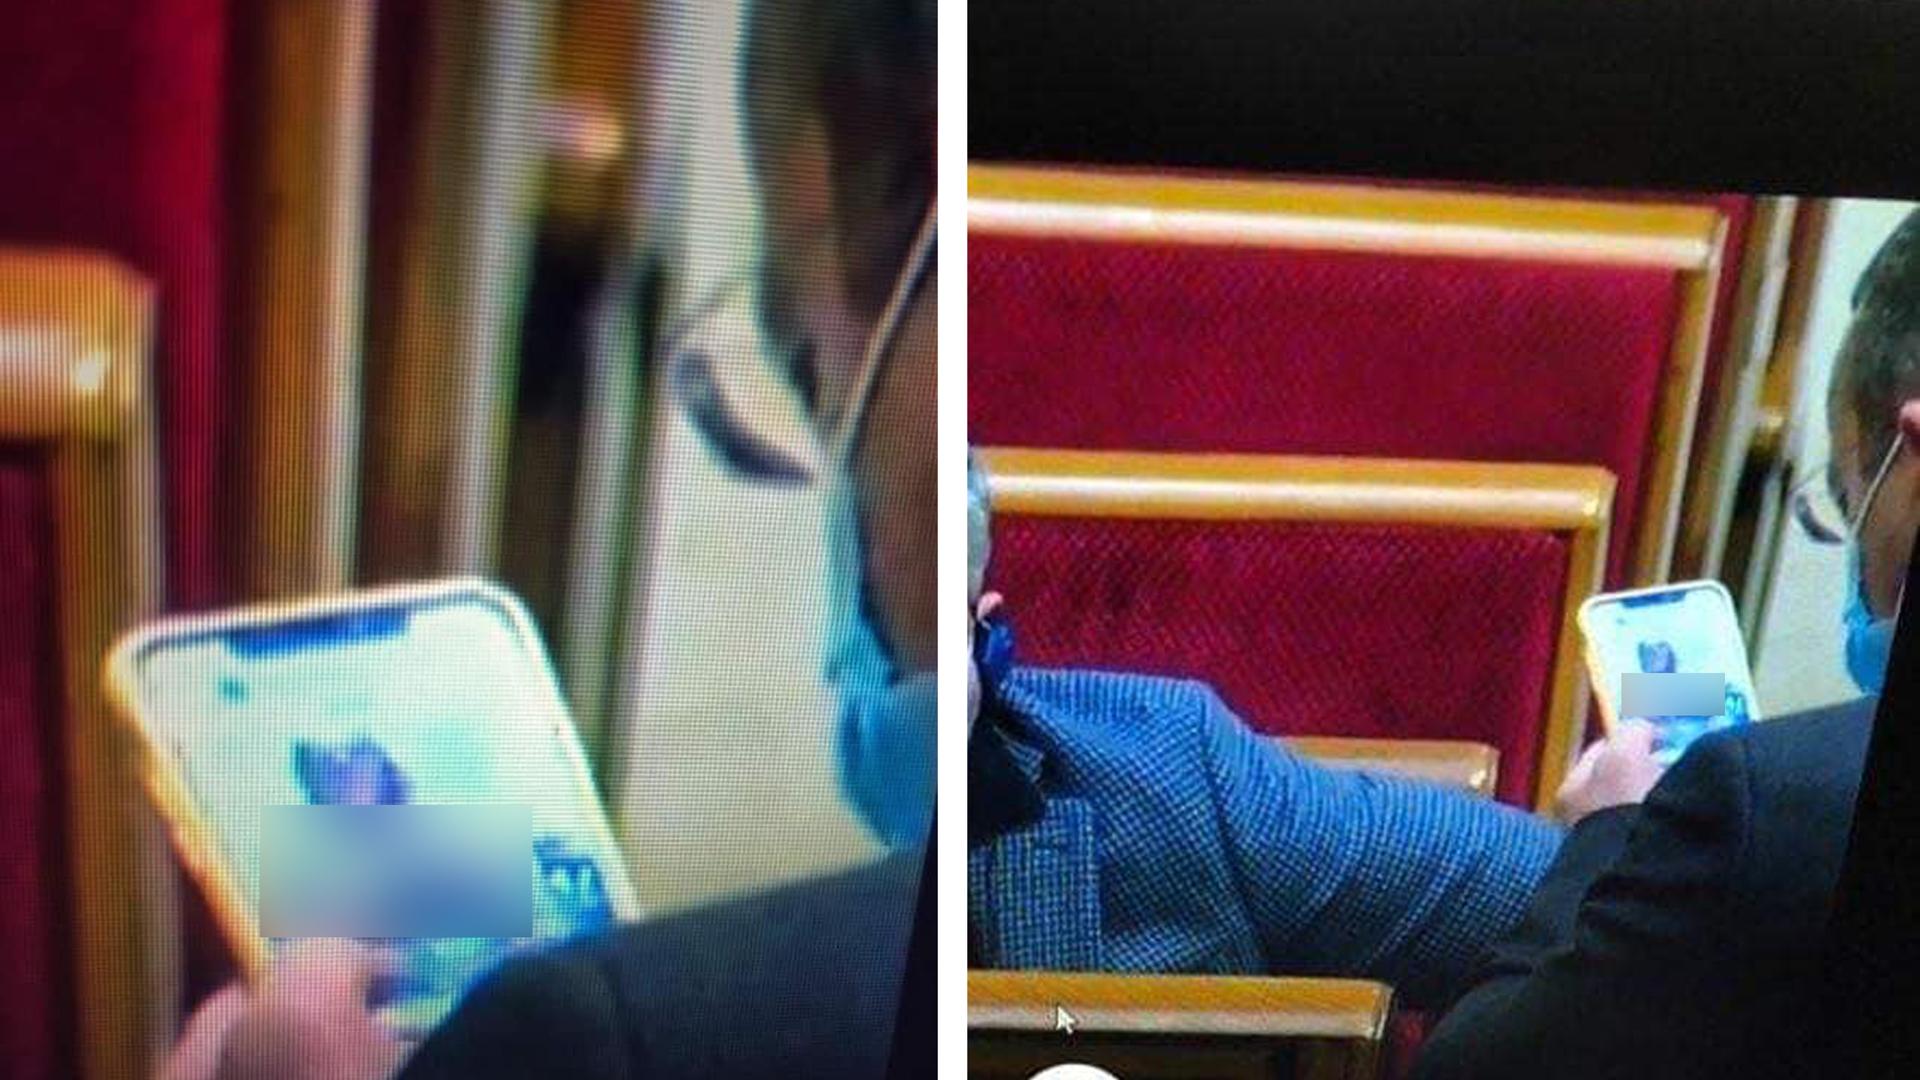 Депутата от партии Зеленского поймали за просмотром порнографии на заседании Рады